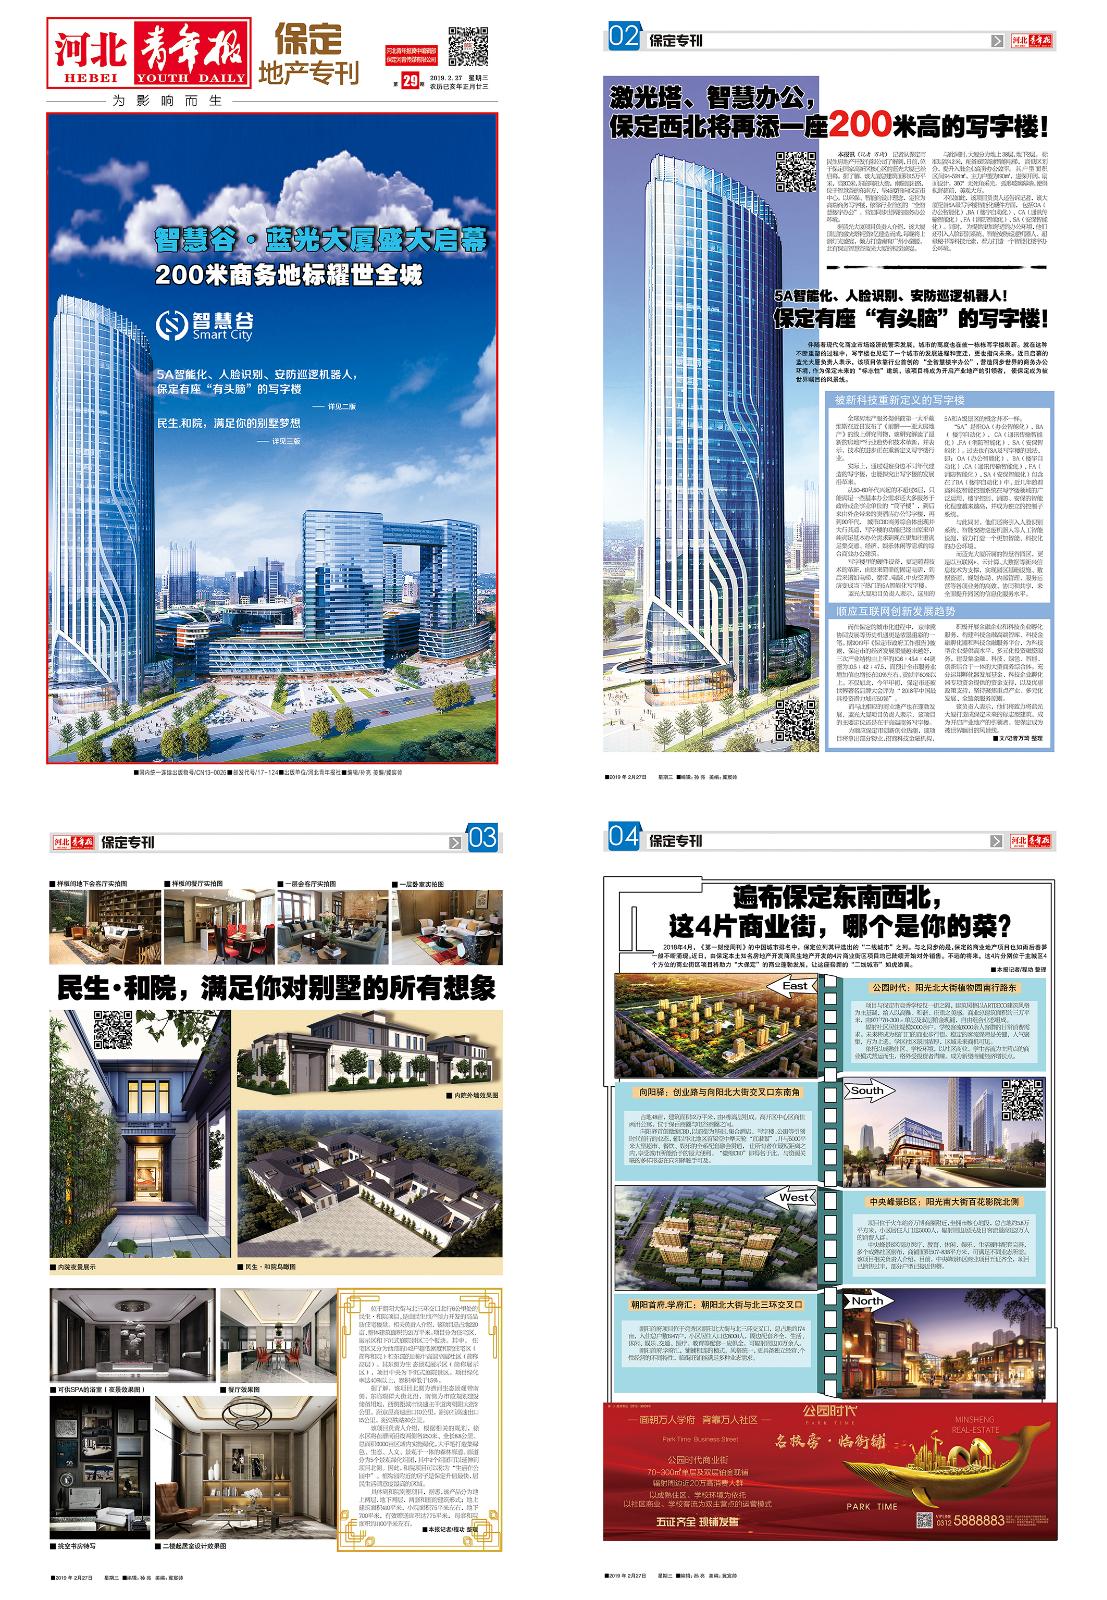 http://www.gmyoao.tw/shehui/245714.html